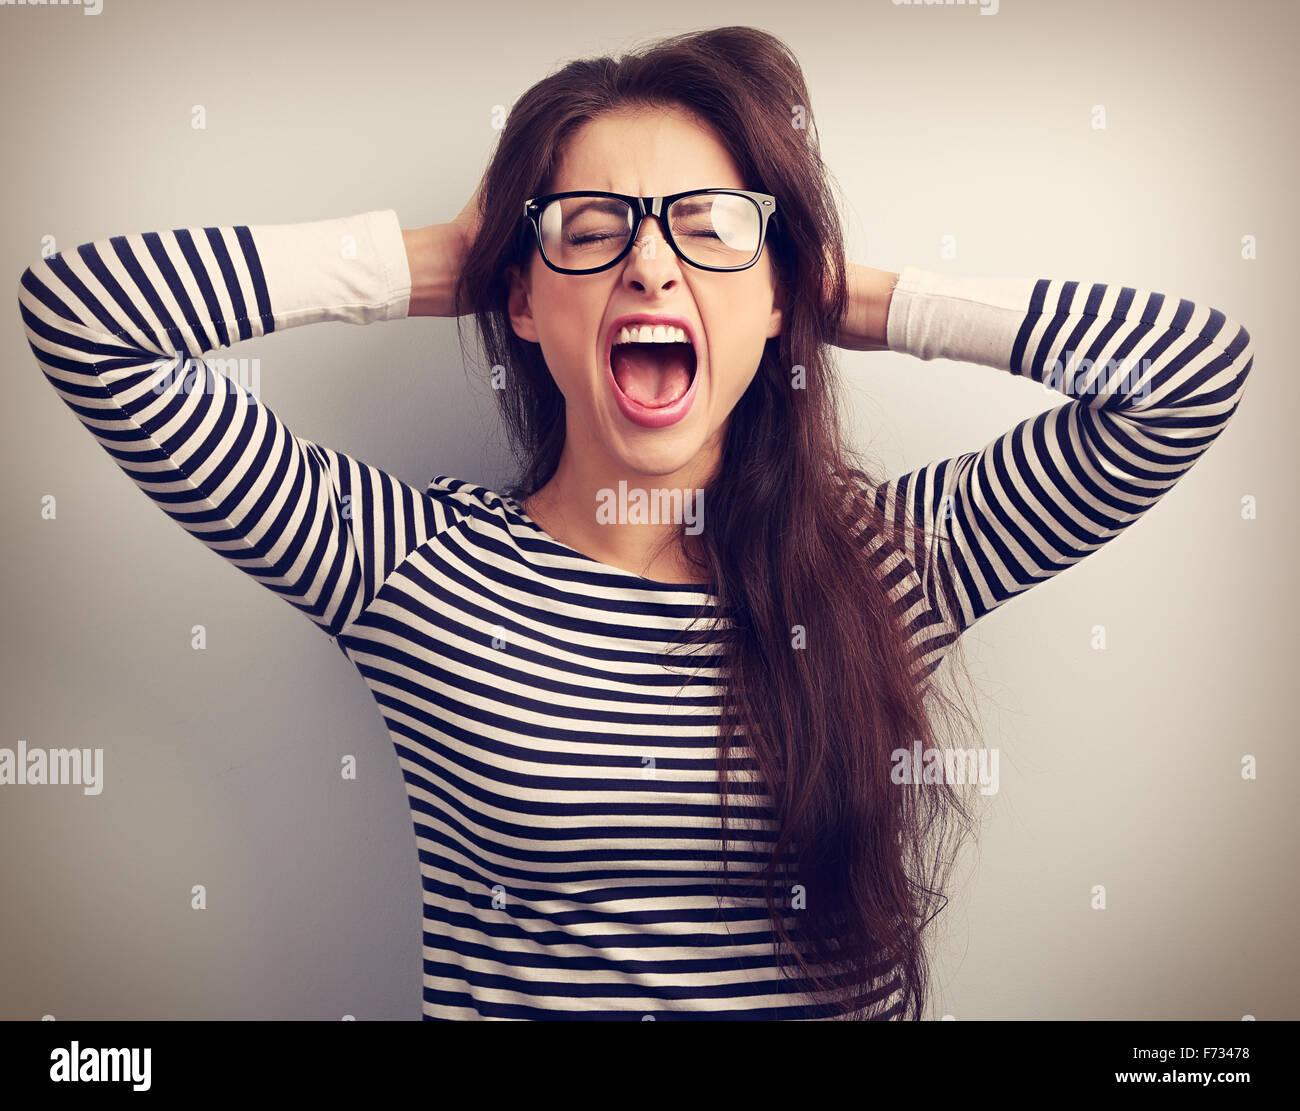 Mujer de negocios jóvenes enojados en vidrios fuerte gritando con la boca abierta silvestres y sosteniendo Imagen De Stock